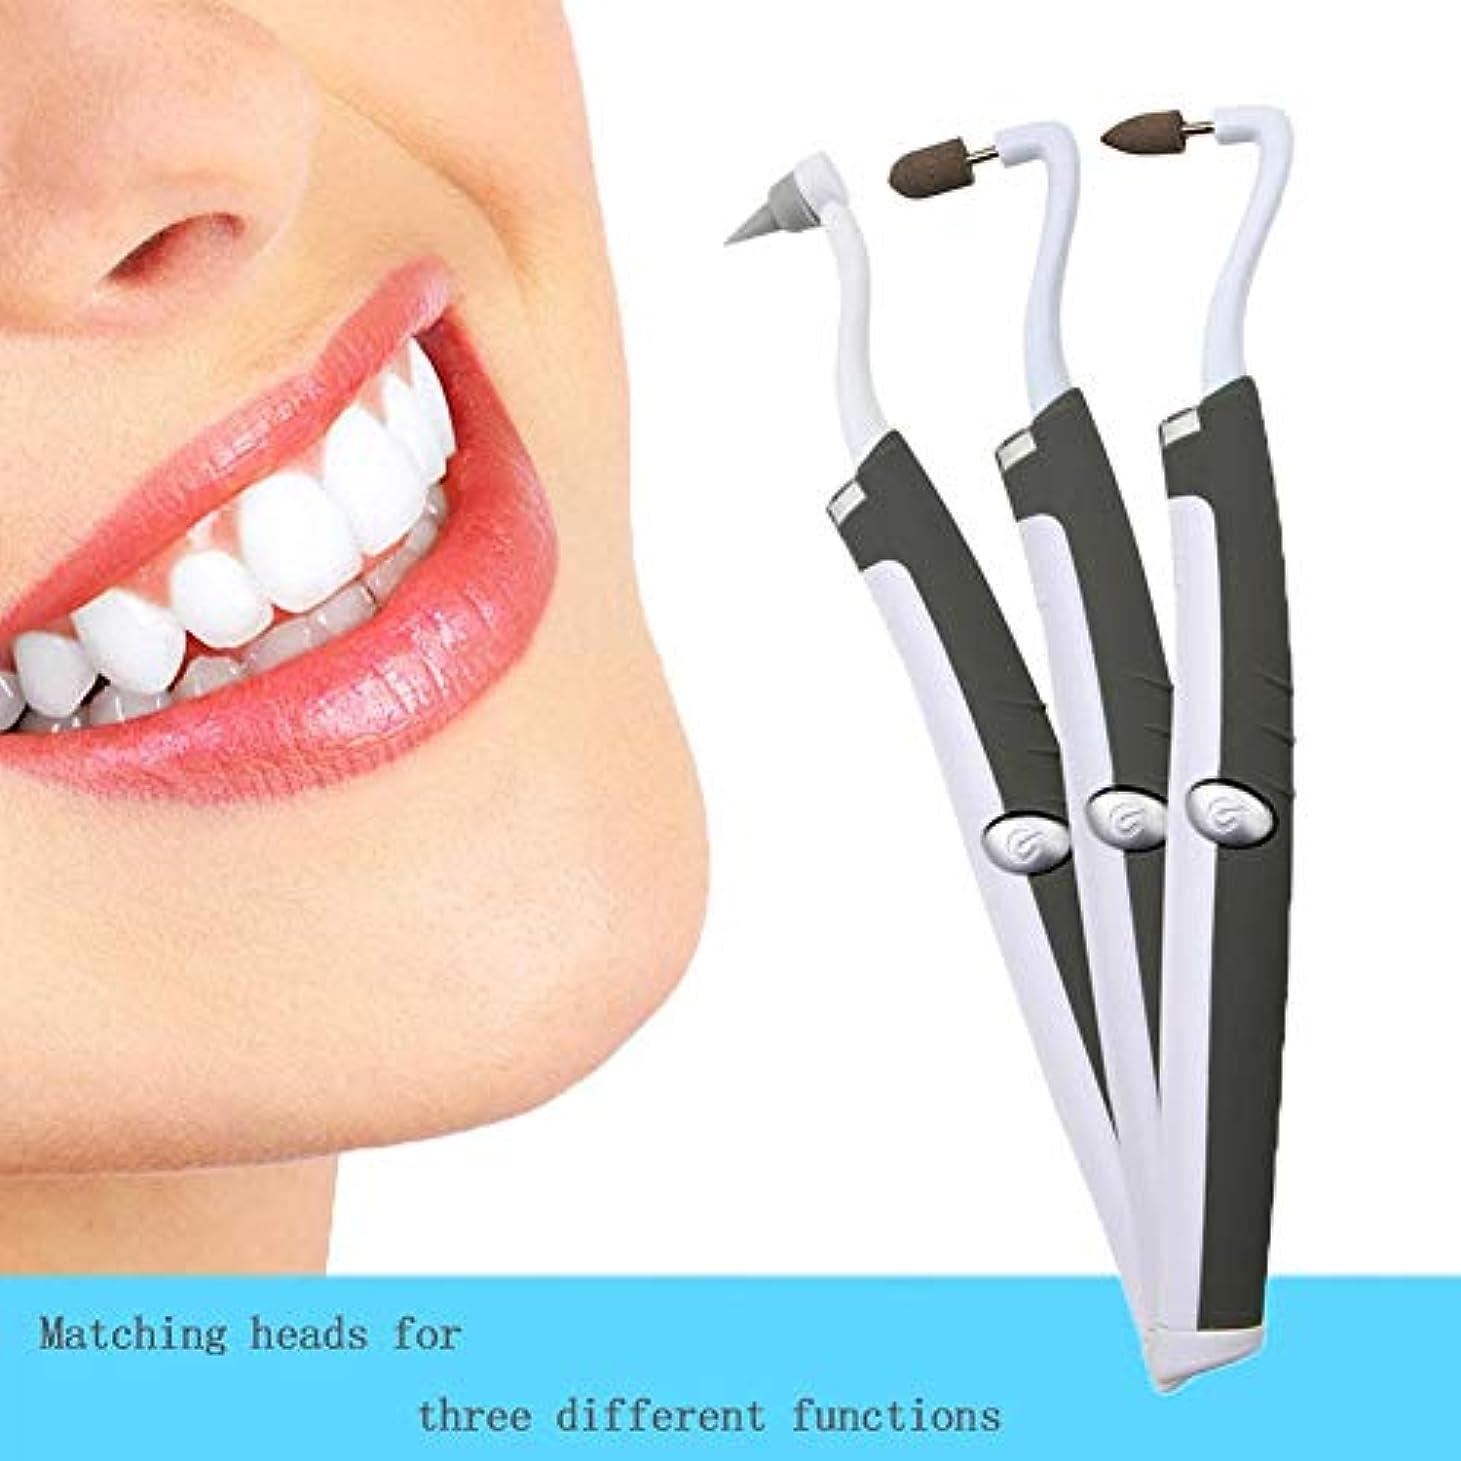 成熟ホバーつまずく歯石除去剤-変色を取り除き、歯を白くする歯石除去剤歯石が歯を除去しますポーランドのスリップが歯垢の汚れを防ぎます(3頭)